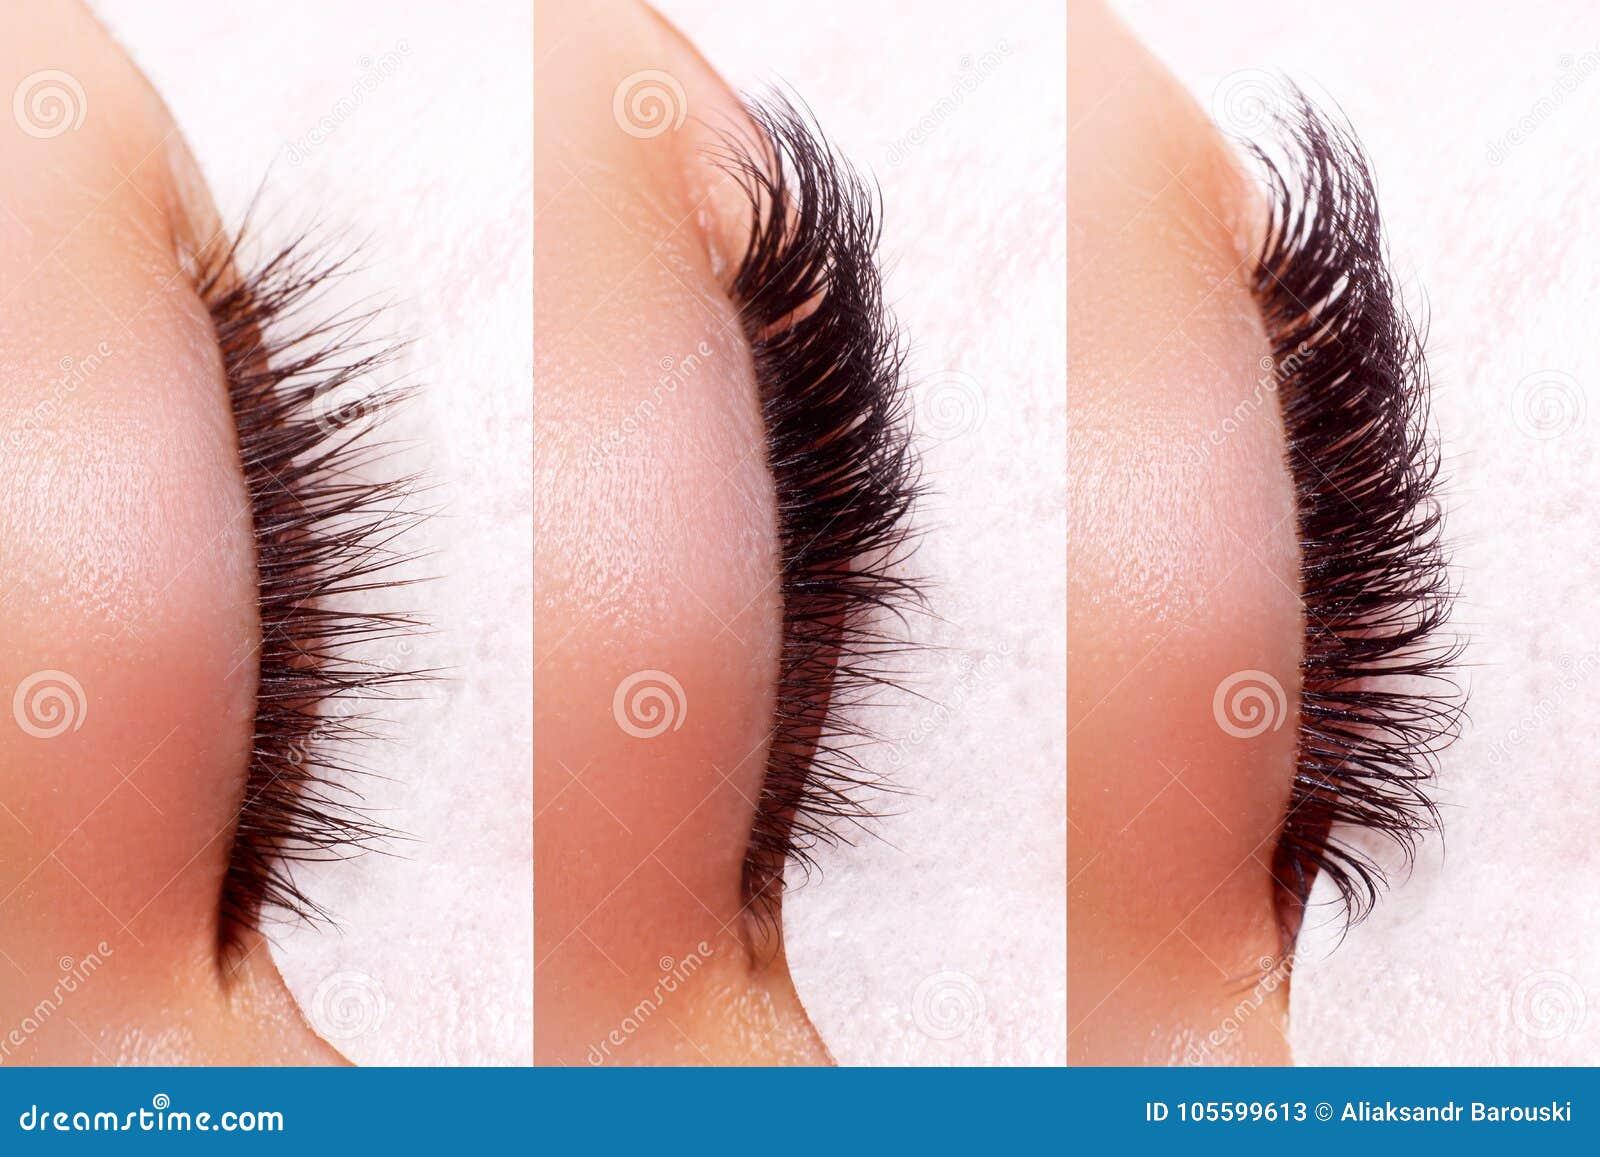 Procedimiento de la extensión de la pestaña La comparación de la hembra observa antes y después